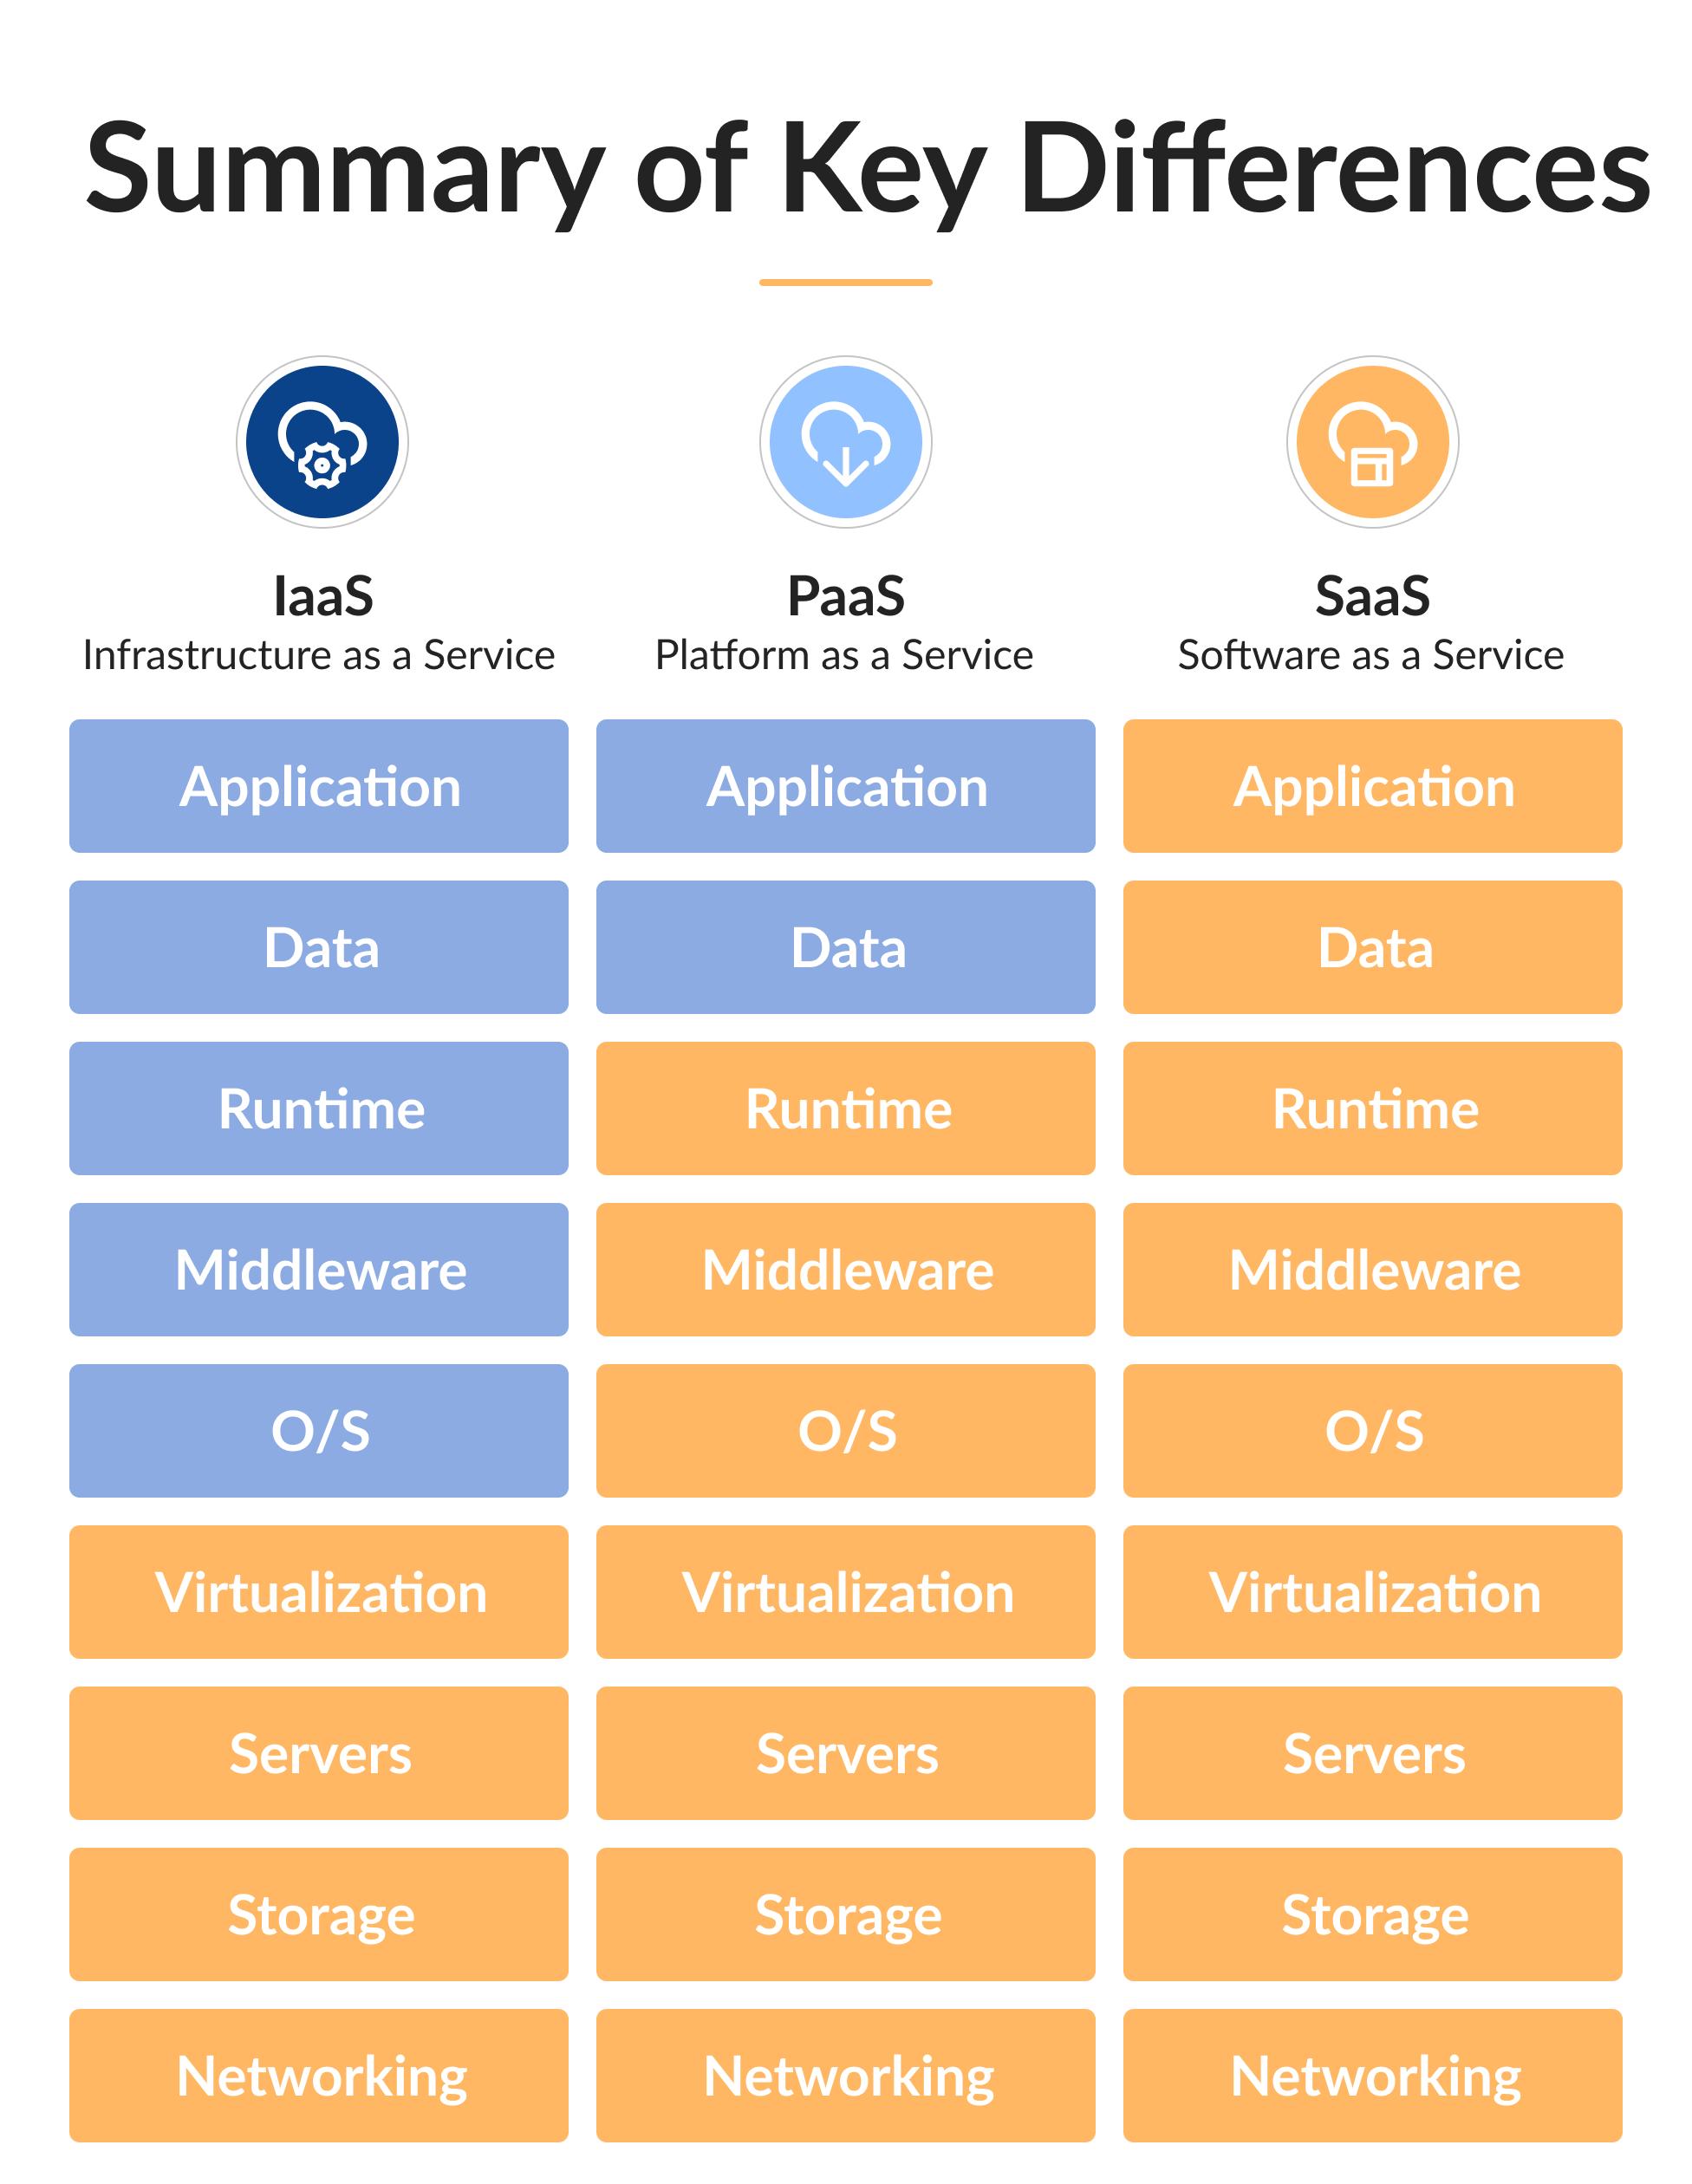 Differences between cloud models: IaaS vs. PaaS vs. SaaS